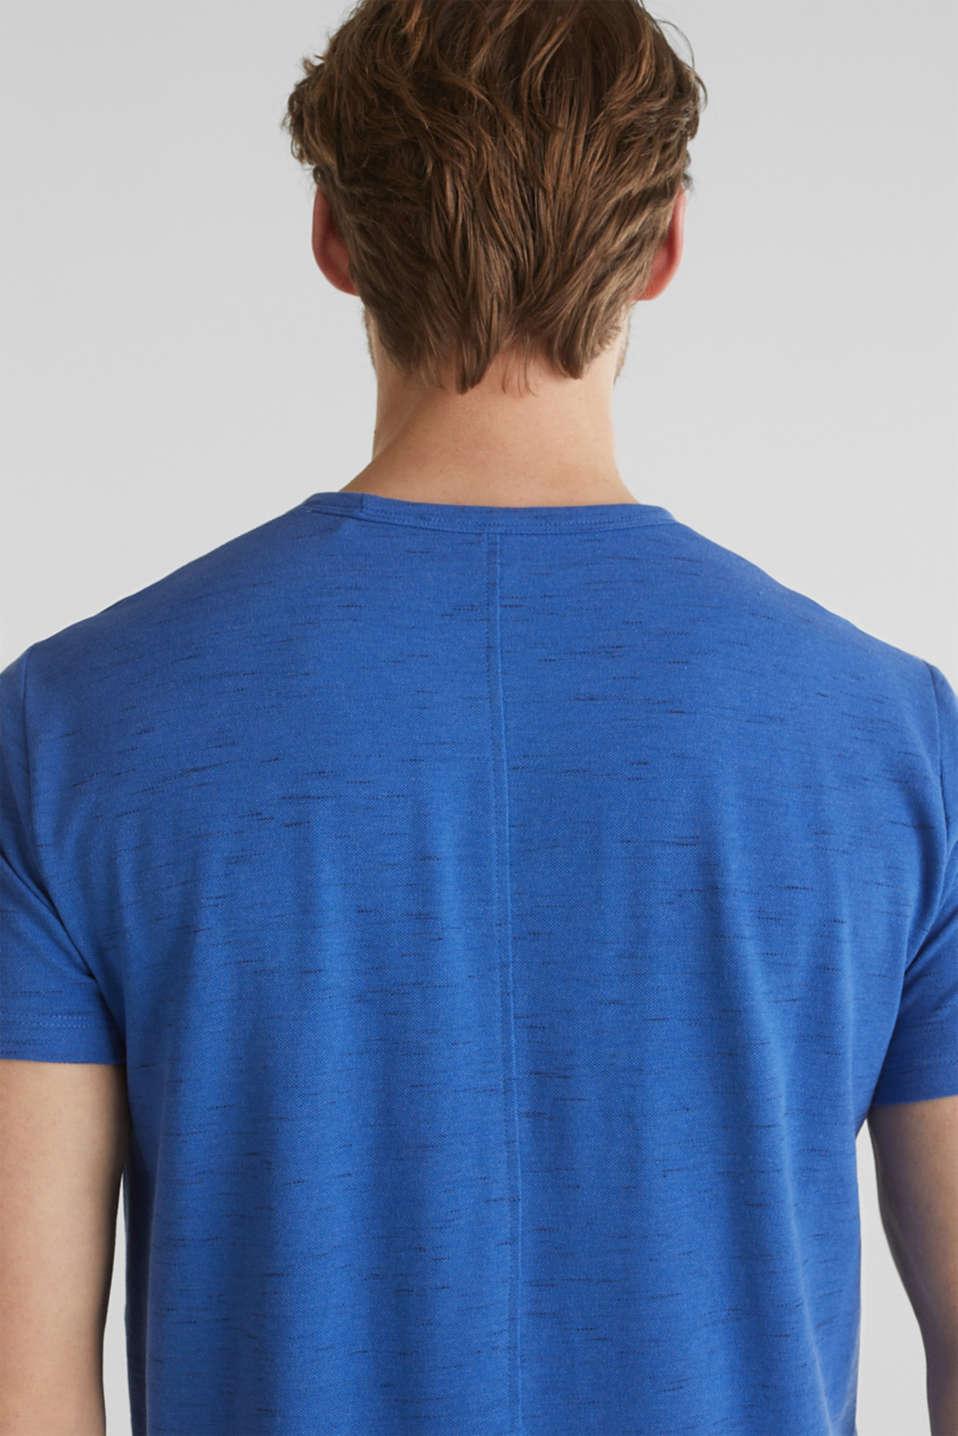 Melange piqué T-shirt, BLUE 5, detail image number 1